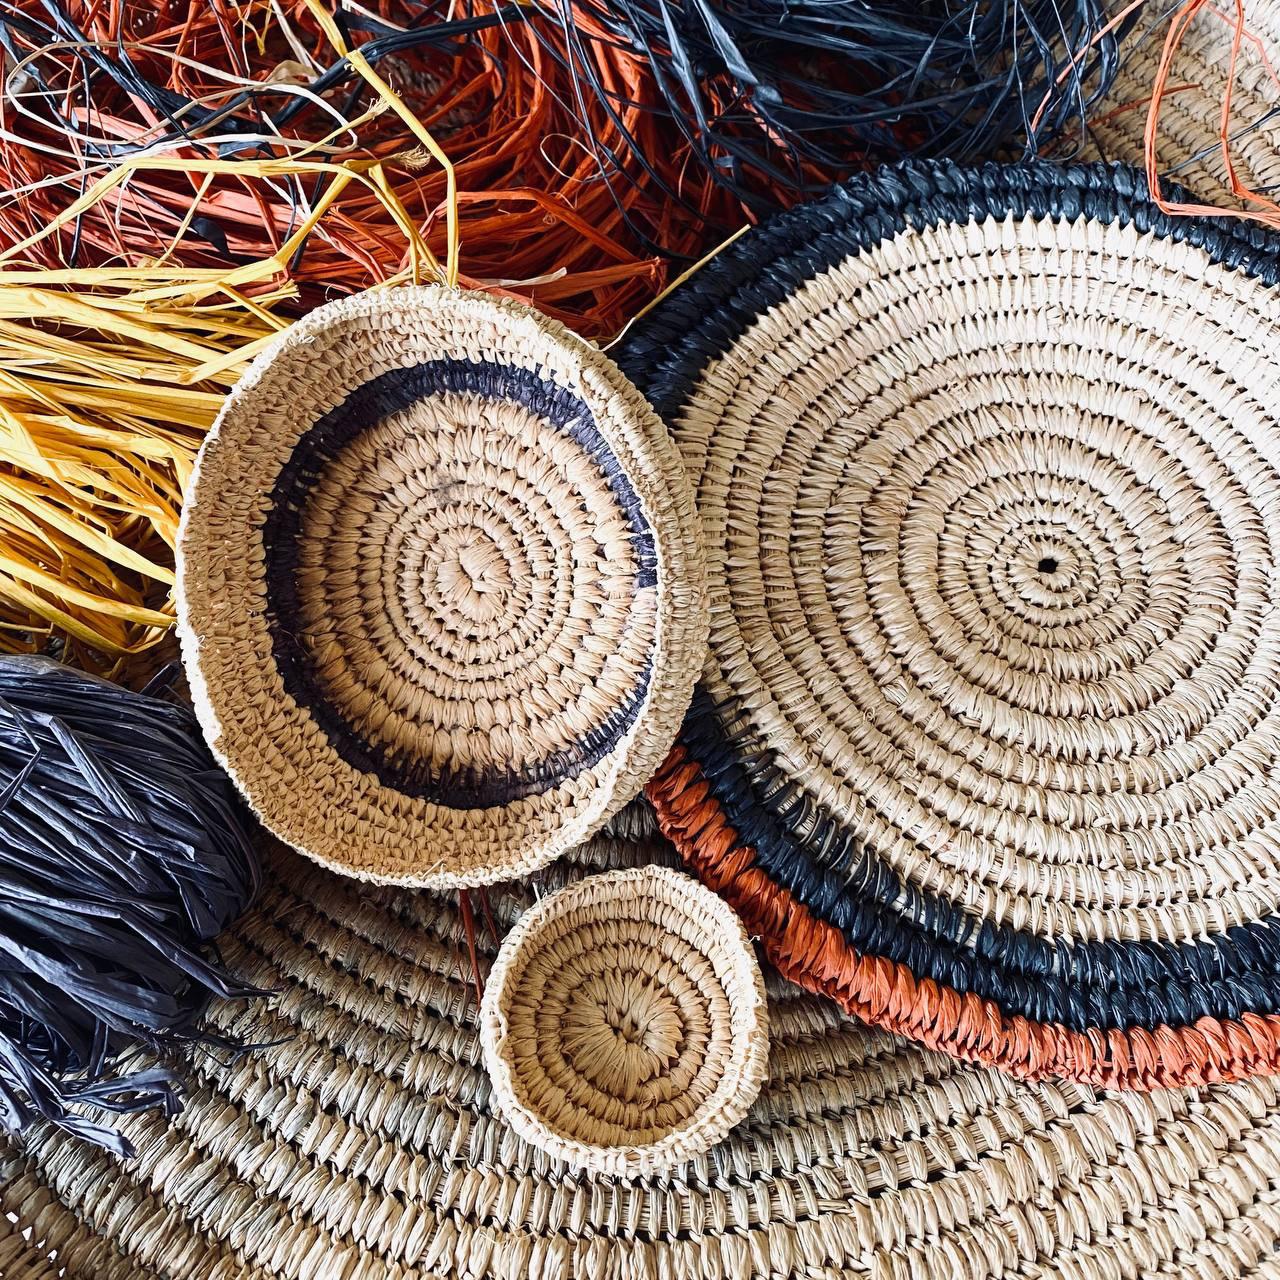 Raffia Basket Weaving Thursday August 26